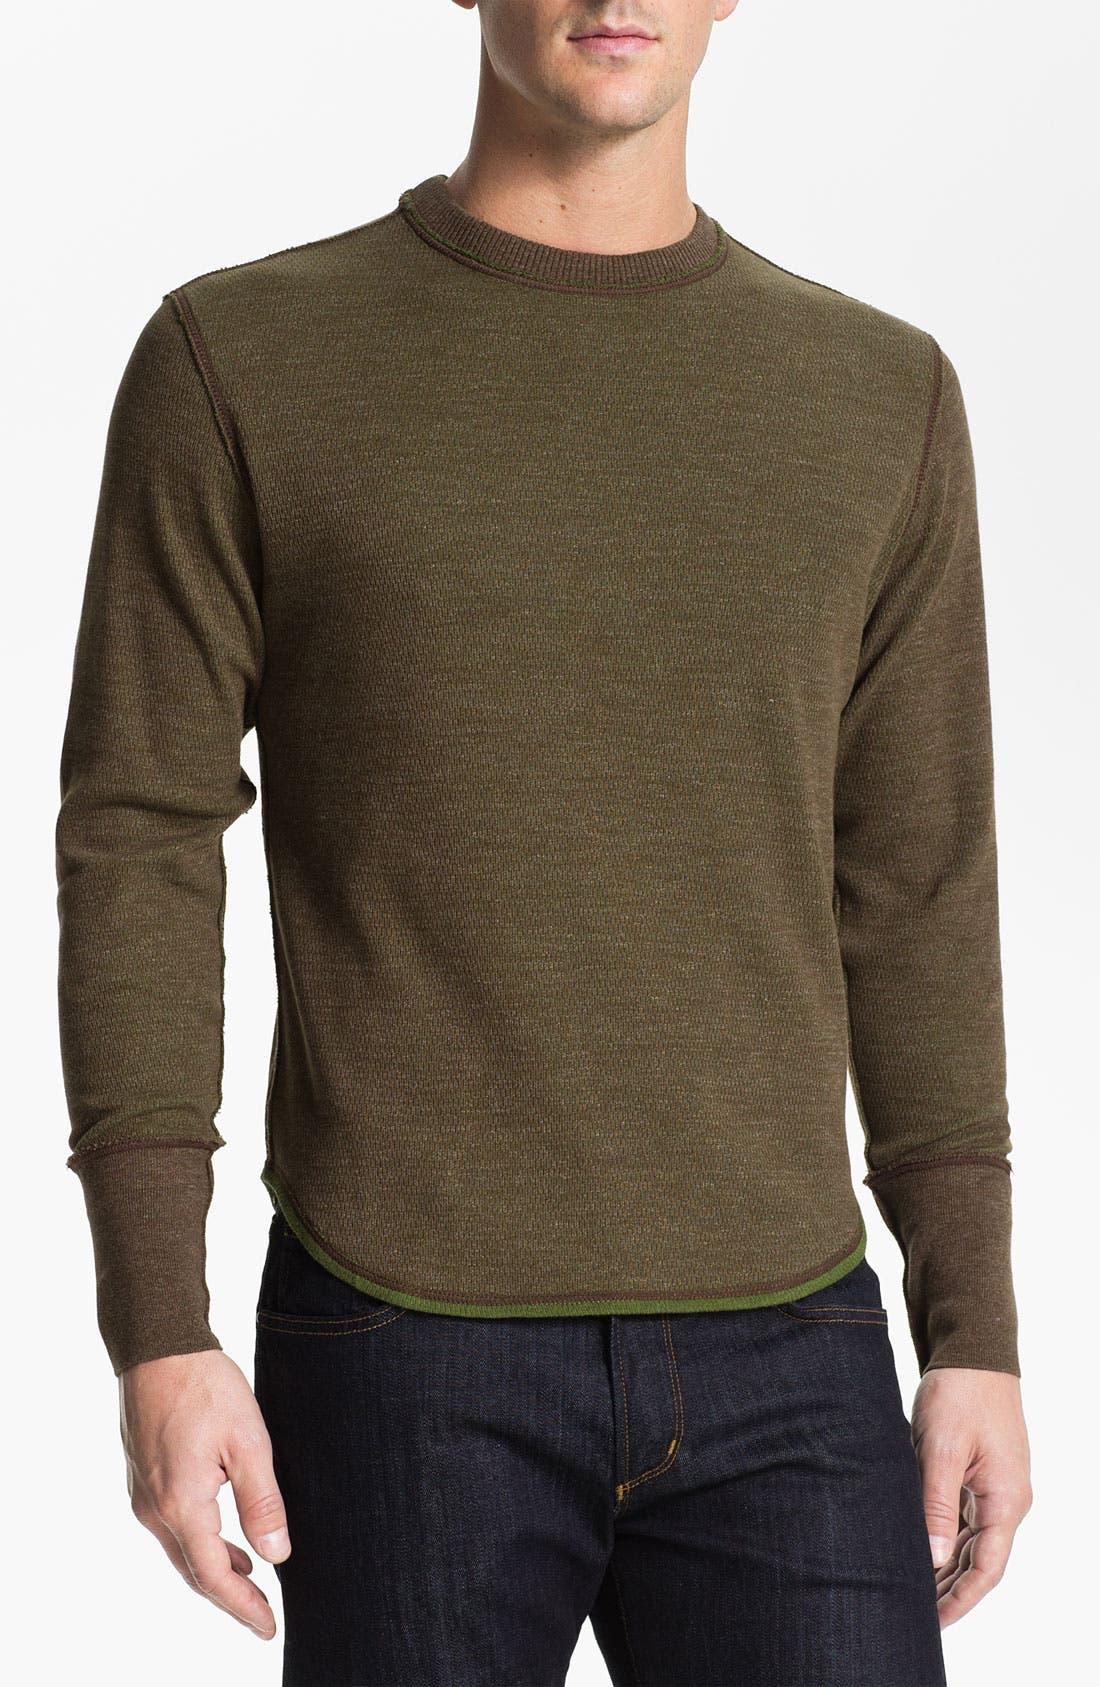 Alternate Image 1 Selected - Robert Graham 'Chancel' Reversible Thermal T-Shirt